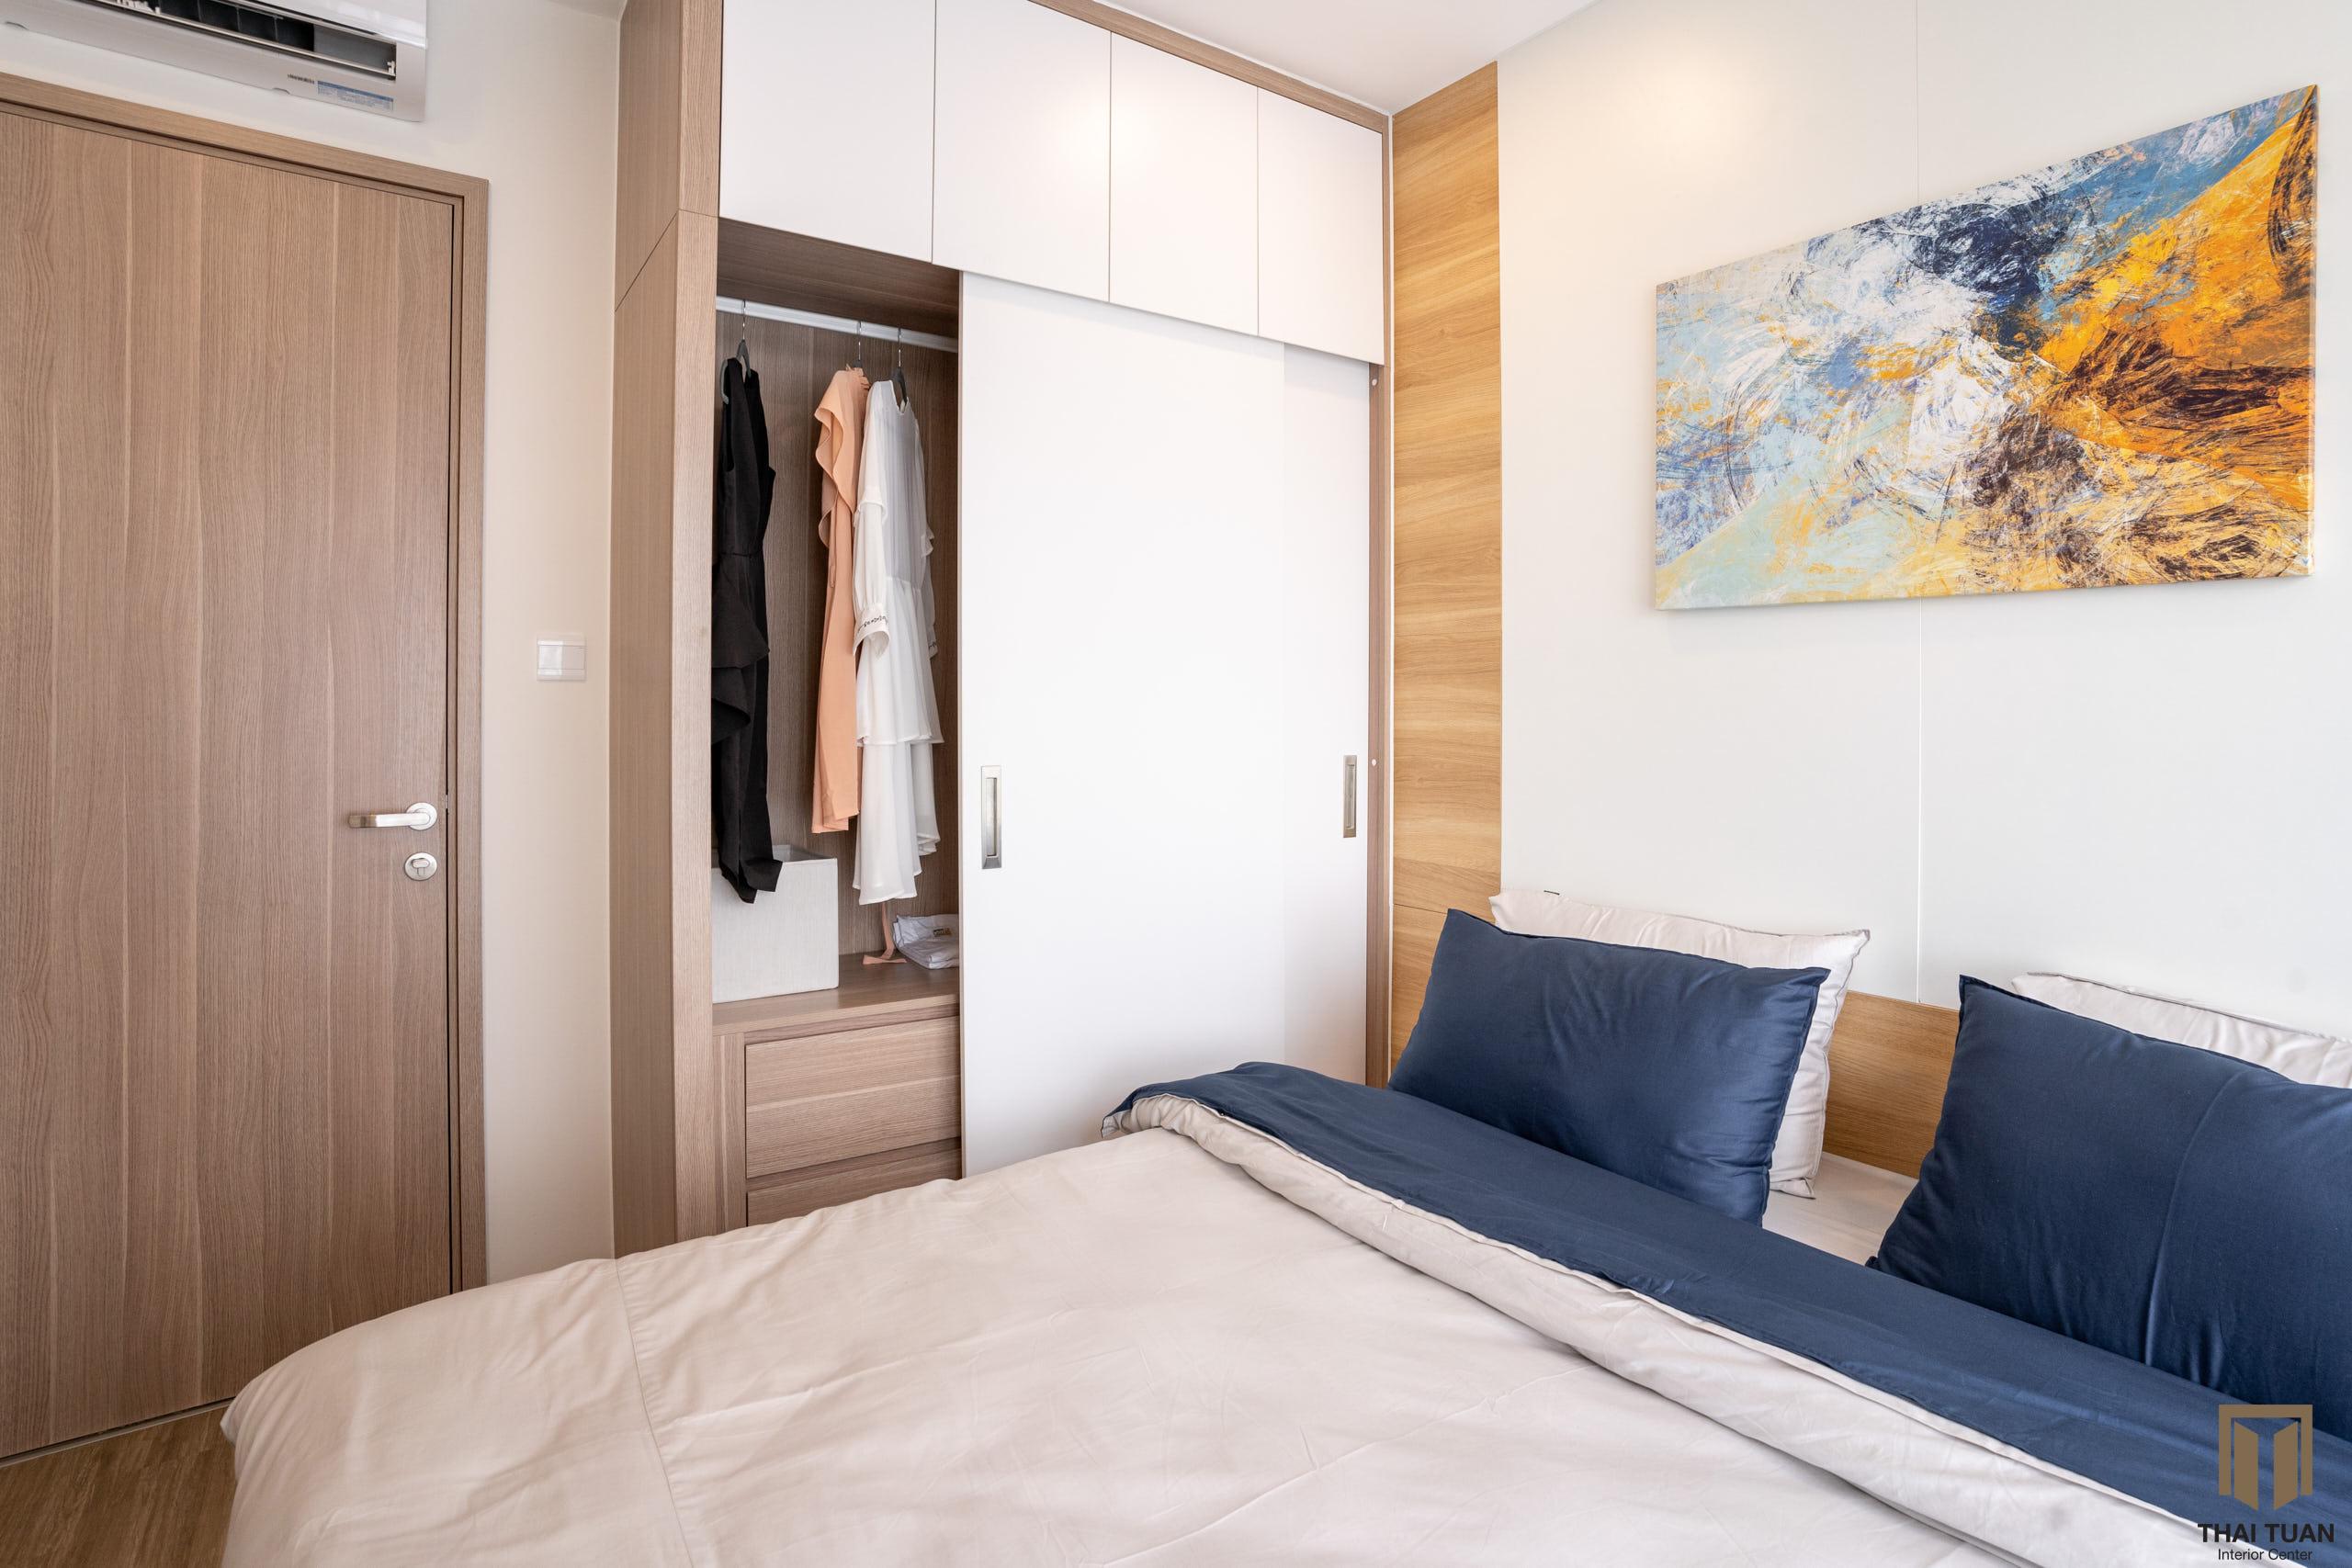 Phòng ngủ với gỗ công nghiệp sang trọng